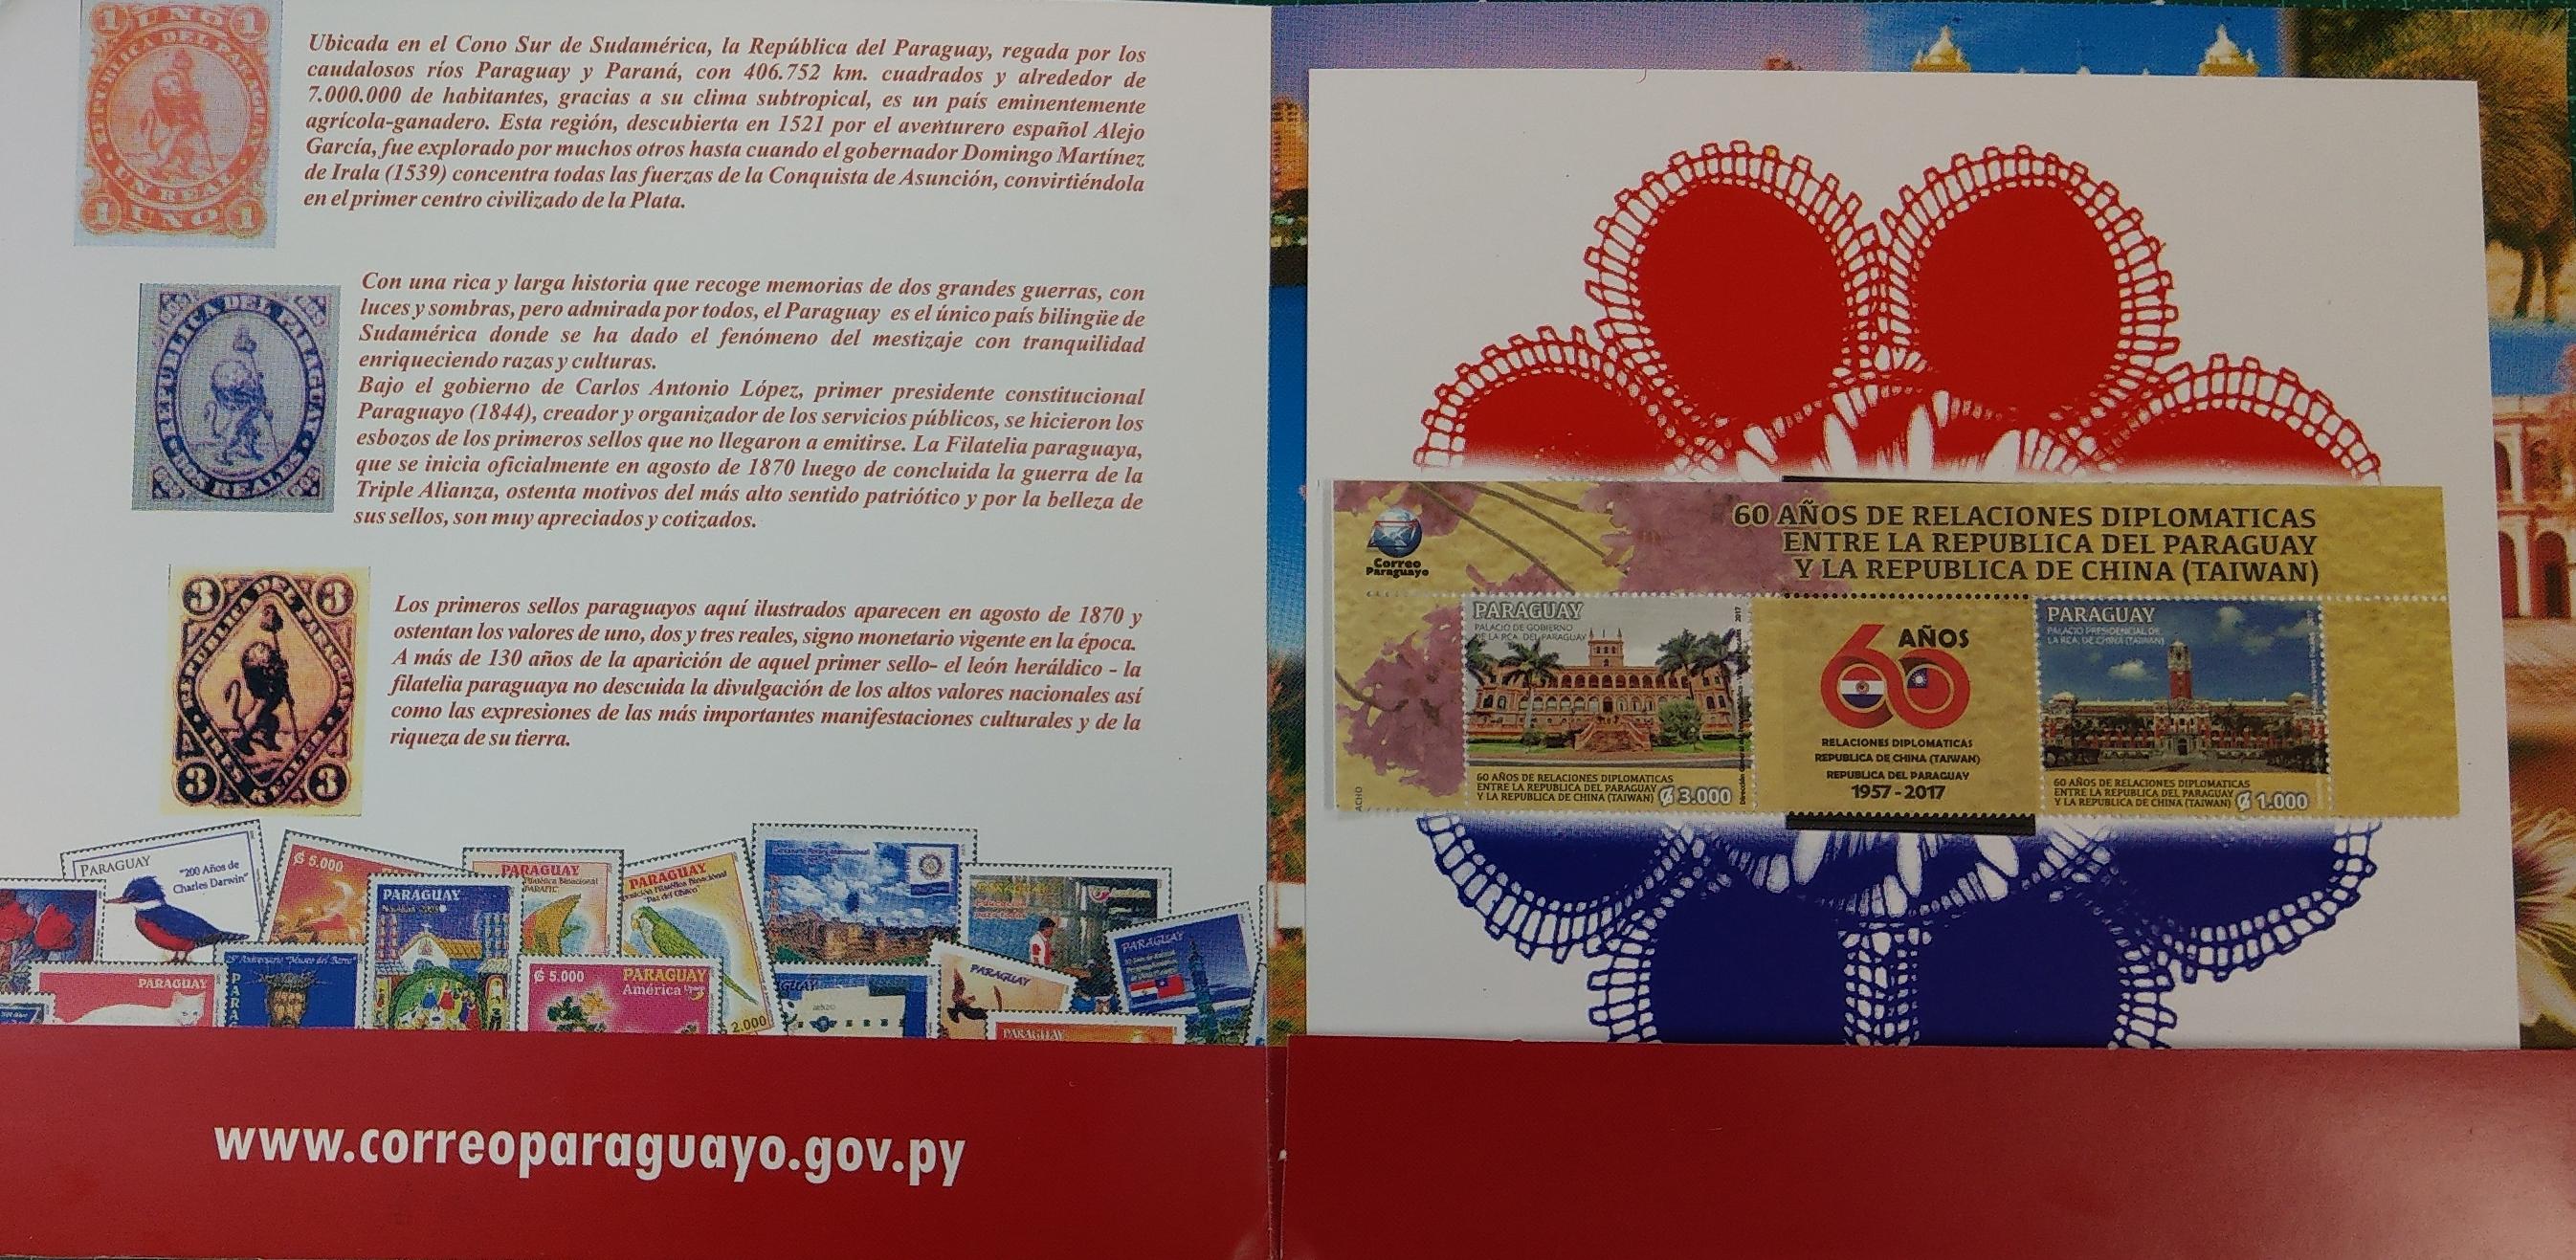 巴拉圭與中華民國建交60週年紀念郵摺內頁